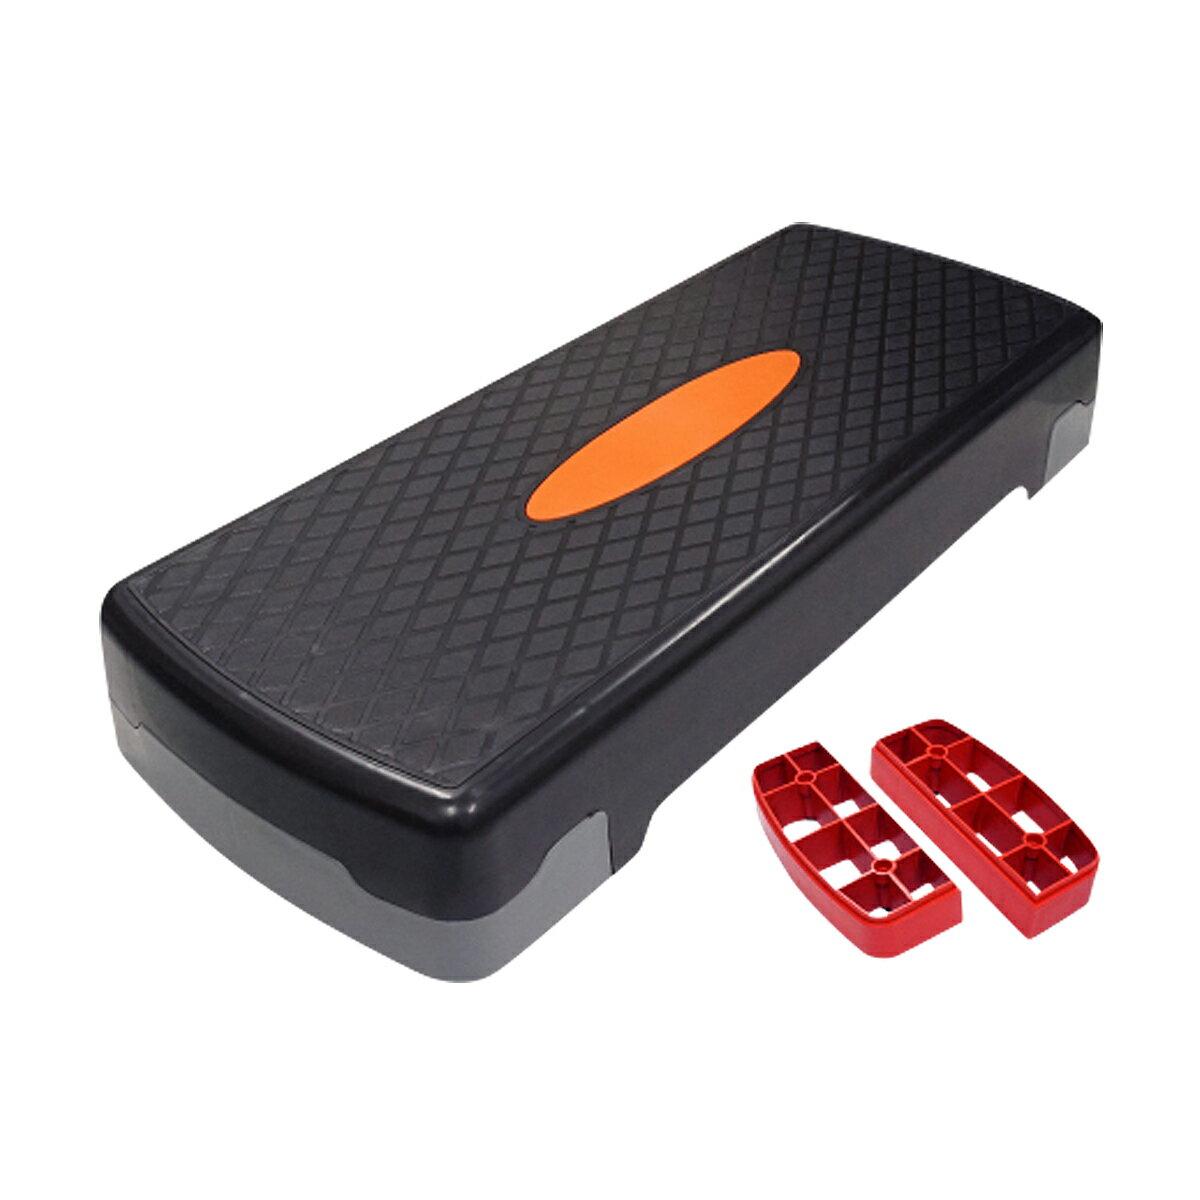 踏み台昇降ステップ台昇降運動高さ調整10cm15cm幅68cm有酸素運動昇降台ダイエットエクササイズ